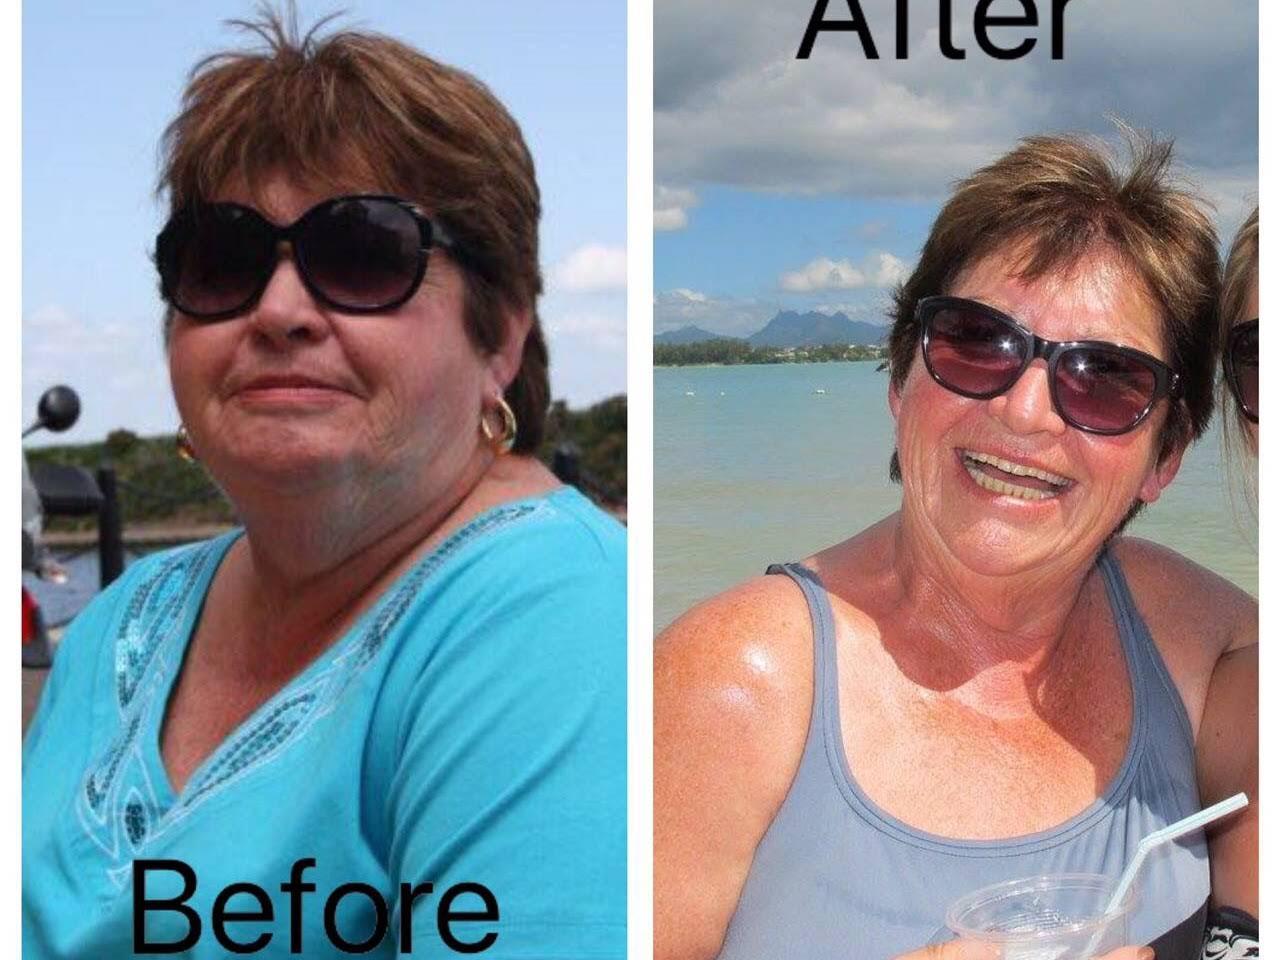 3lb a week weight loss plan